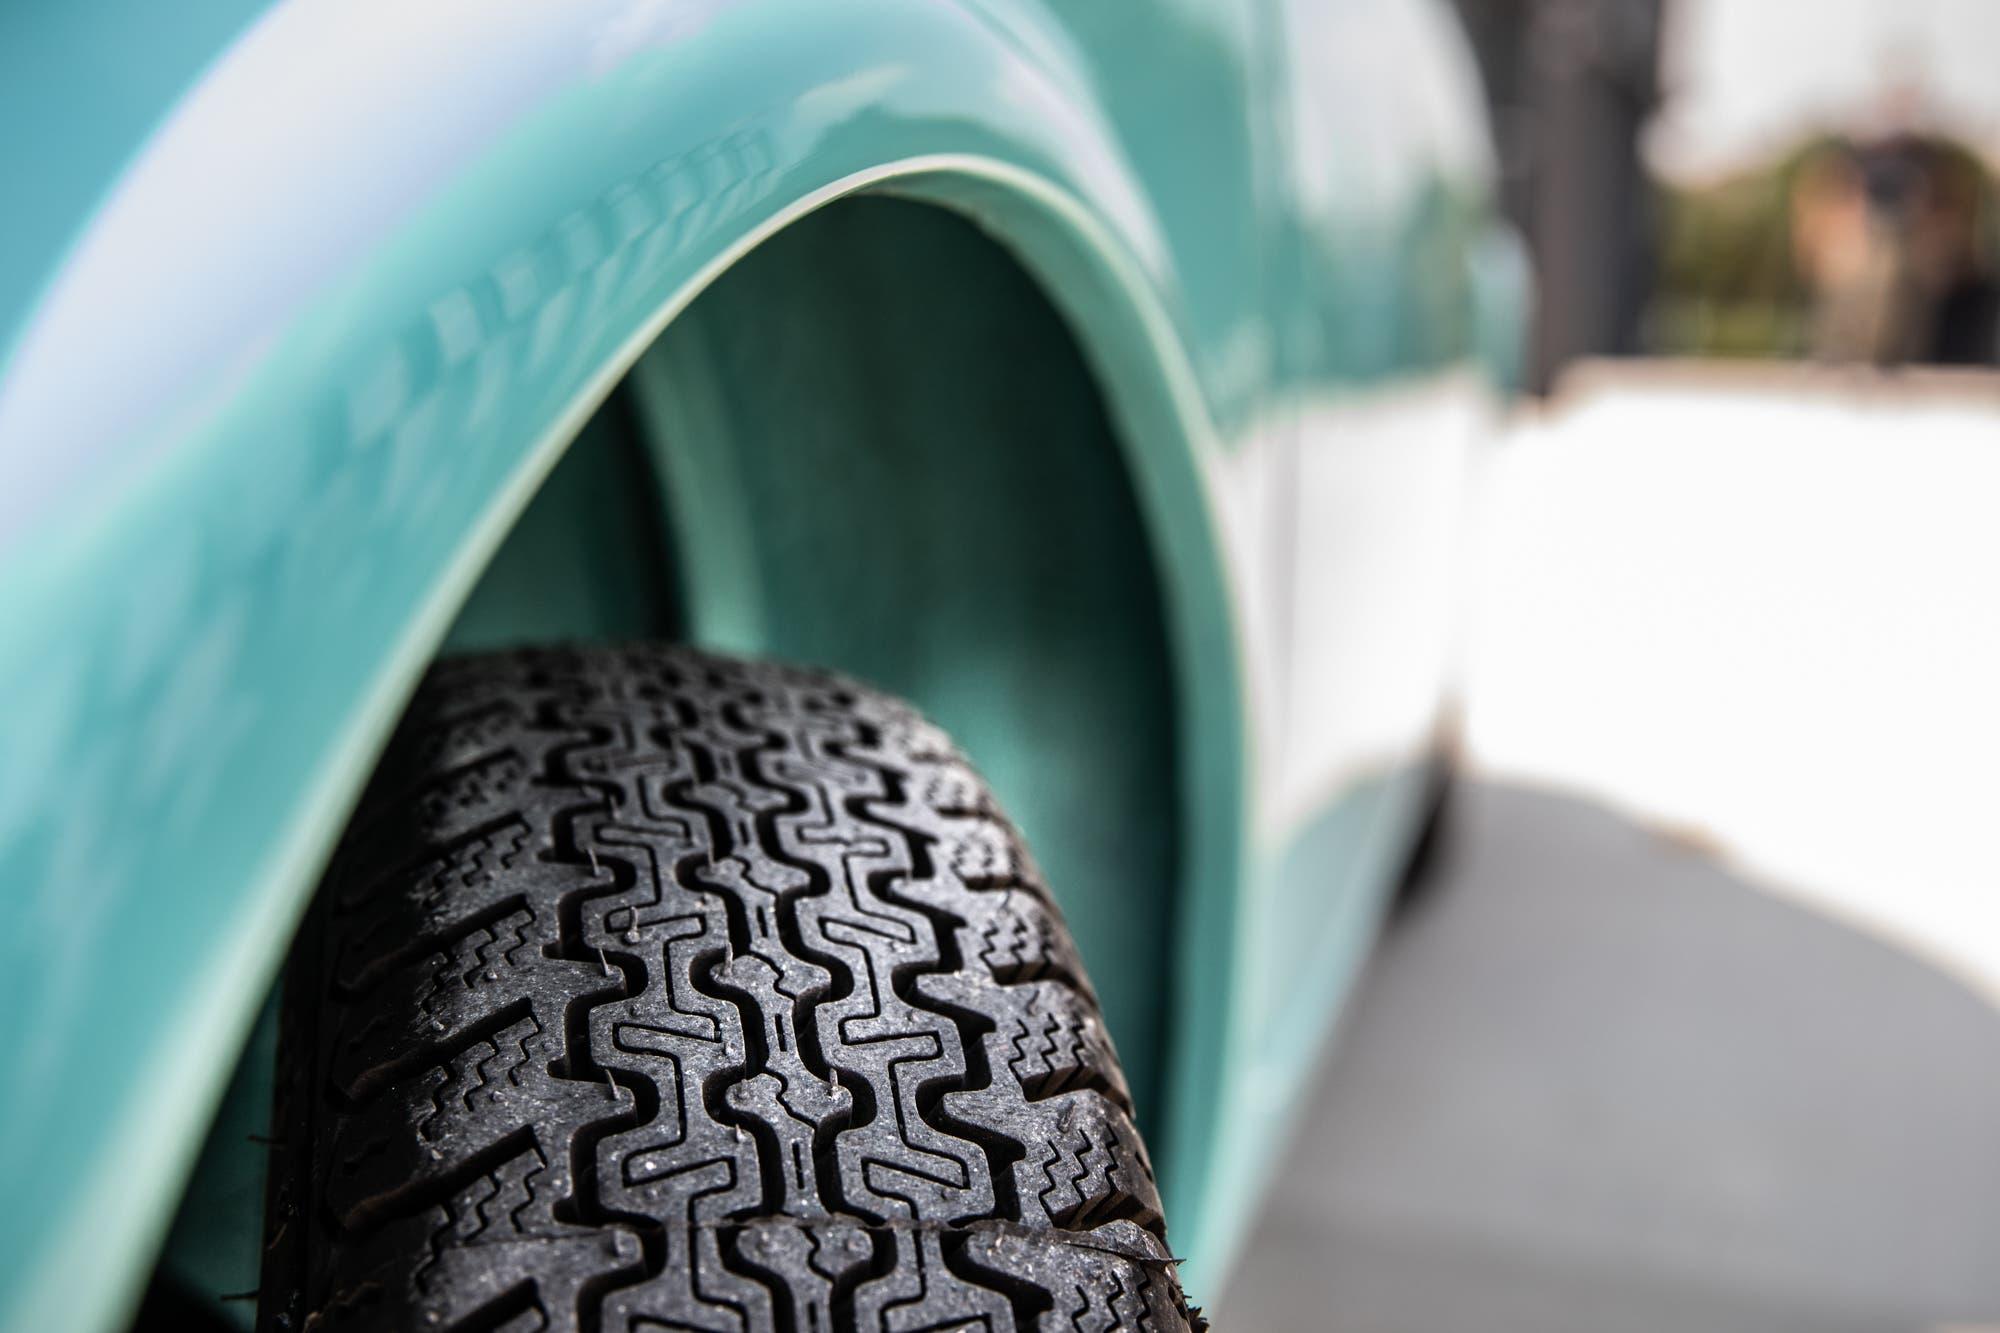 Pirelli Cinturato CN54 Fiat 500